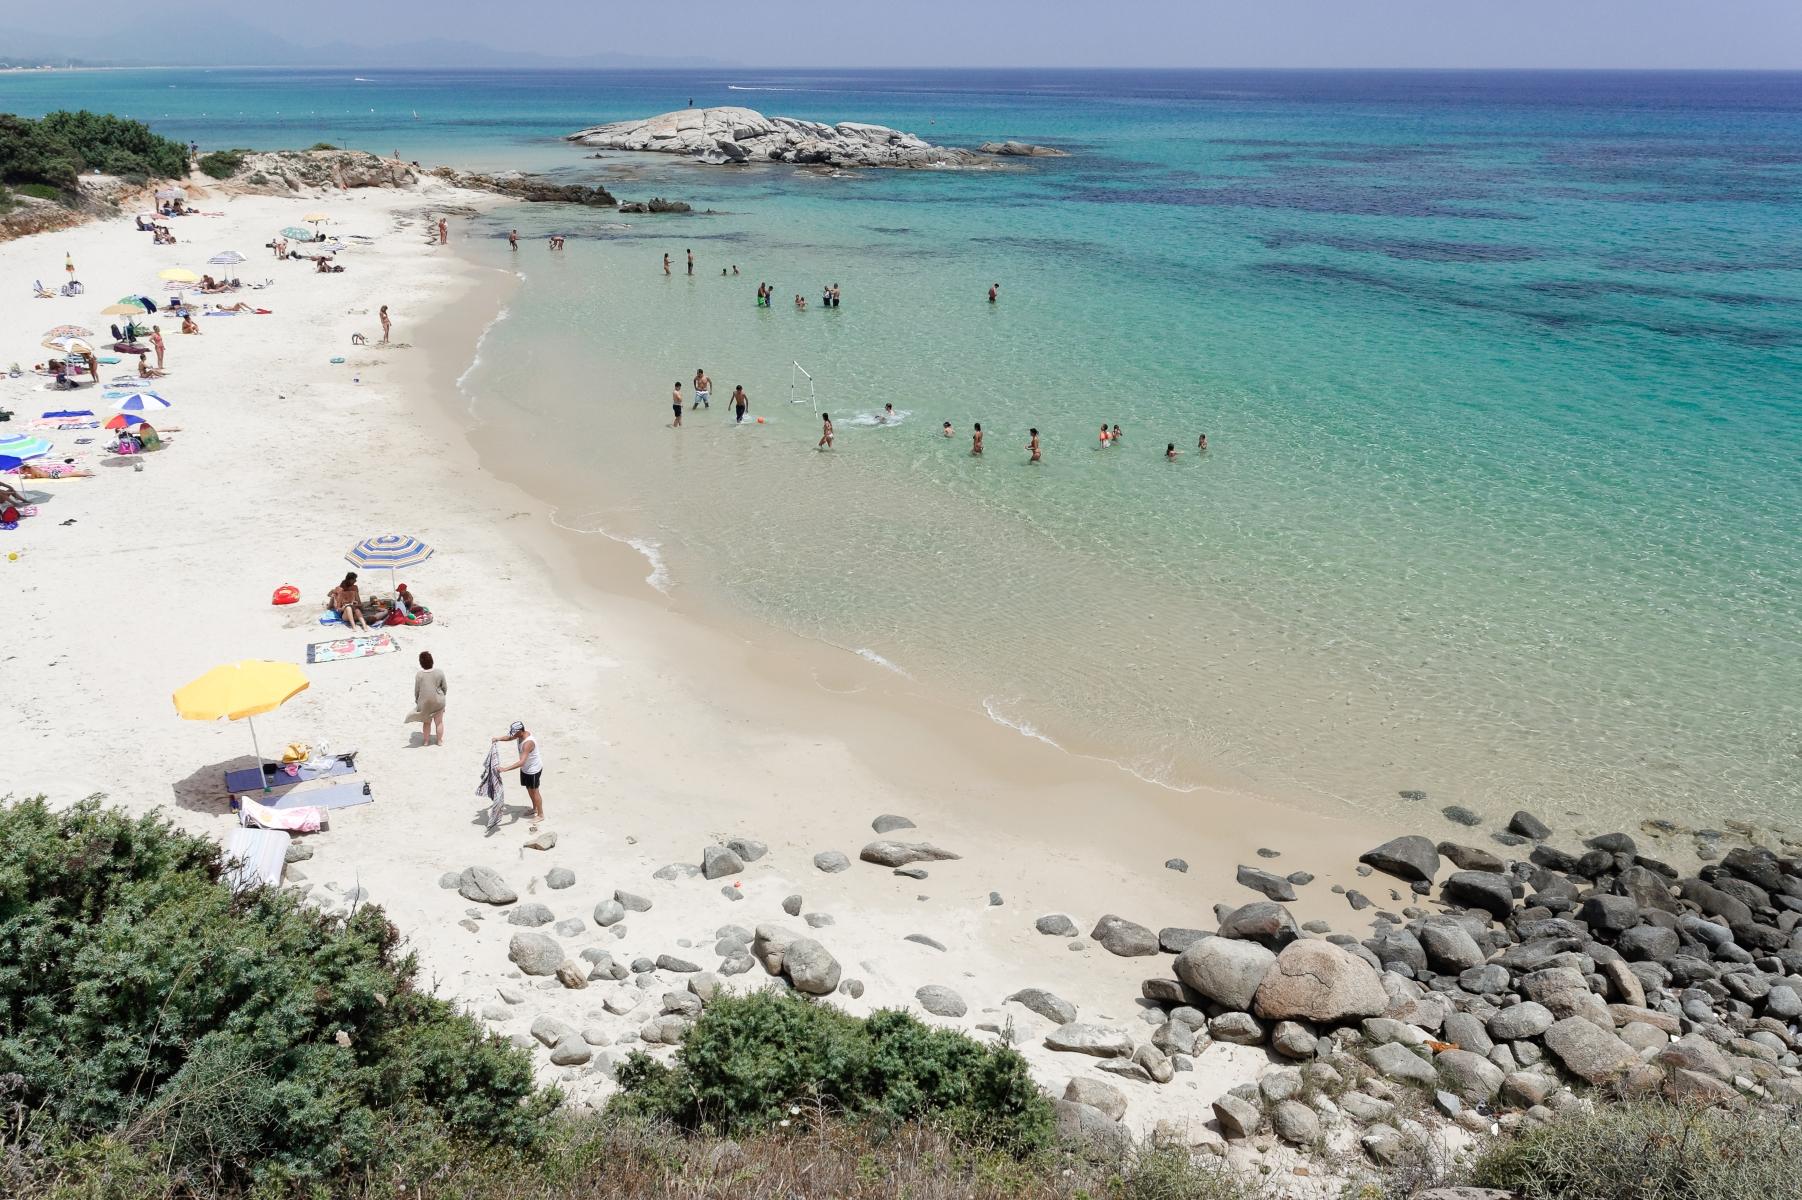 Santa giusta sardegnaturismo sito ufficiale del turismo della regione sardegna - Spiaggia piscina rei ...